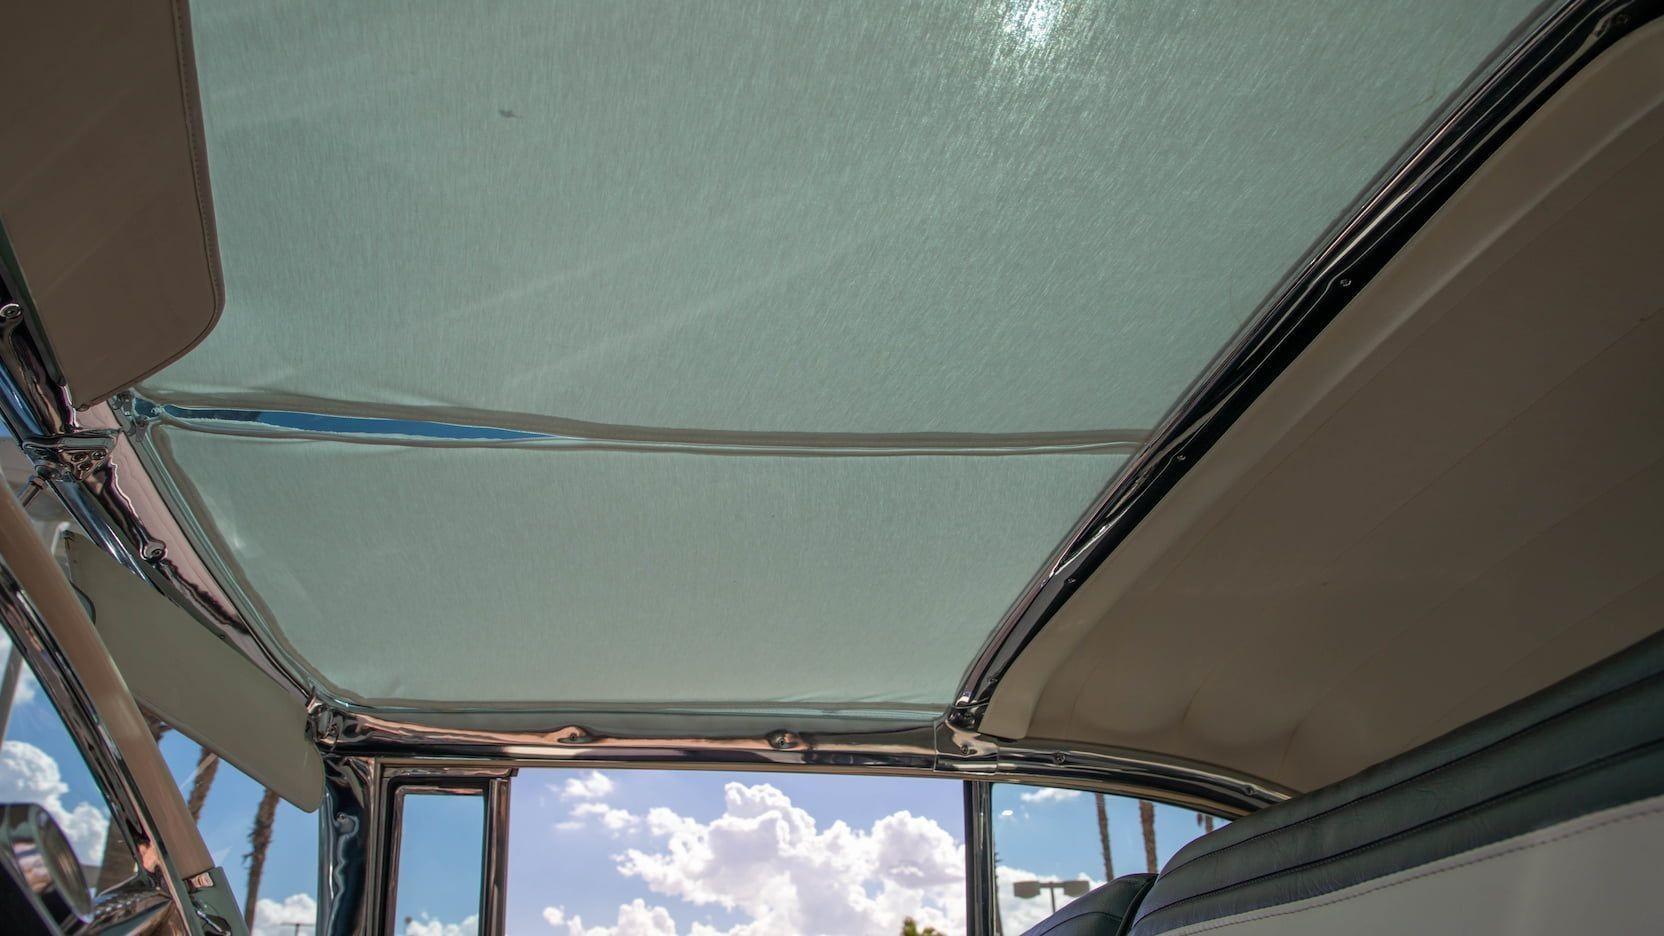 Mercury Montclair Sun Valley 1955 с прозрачной крышей